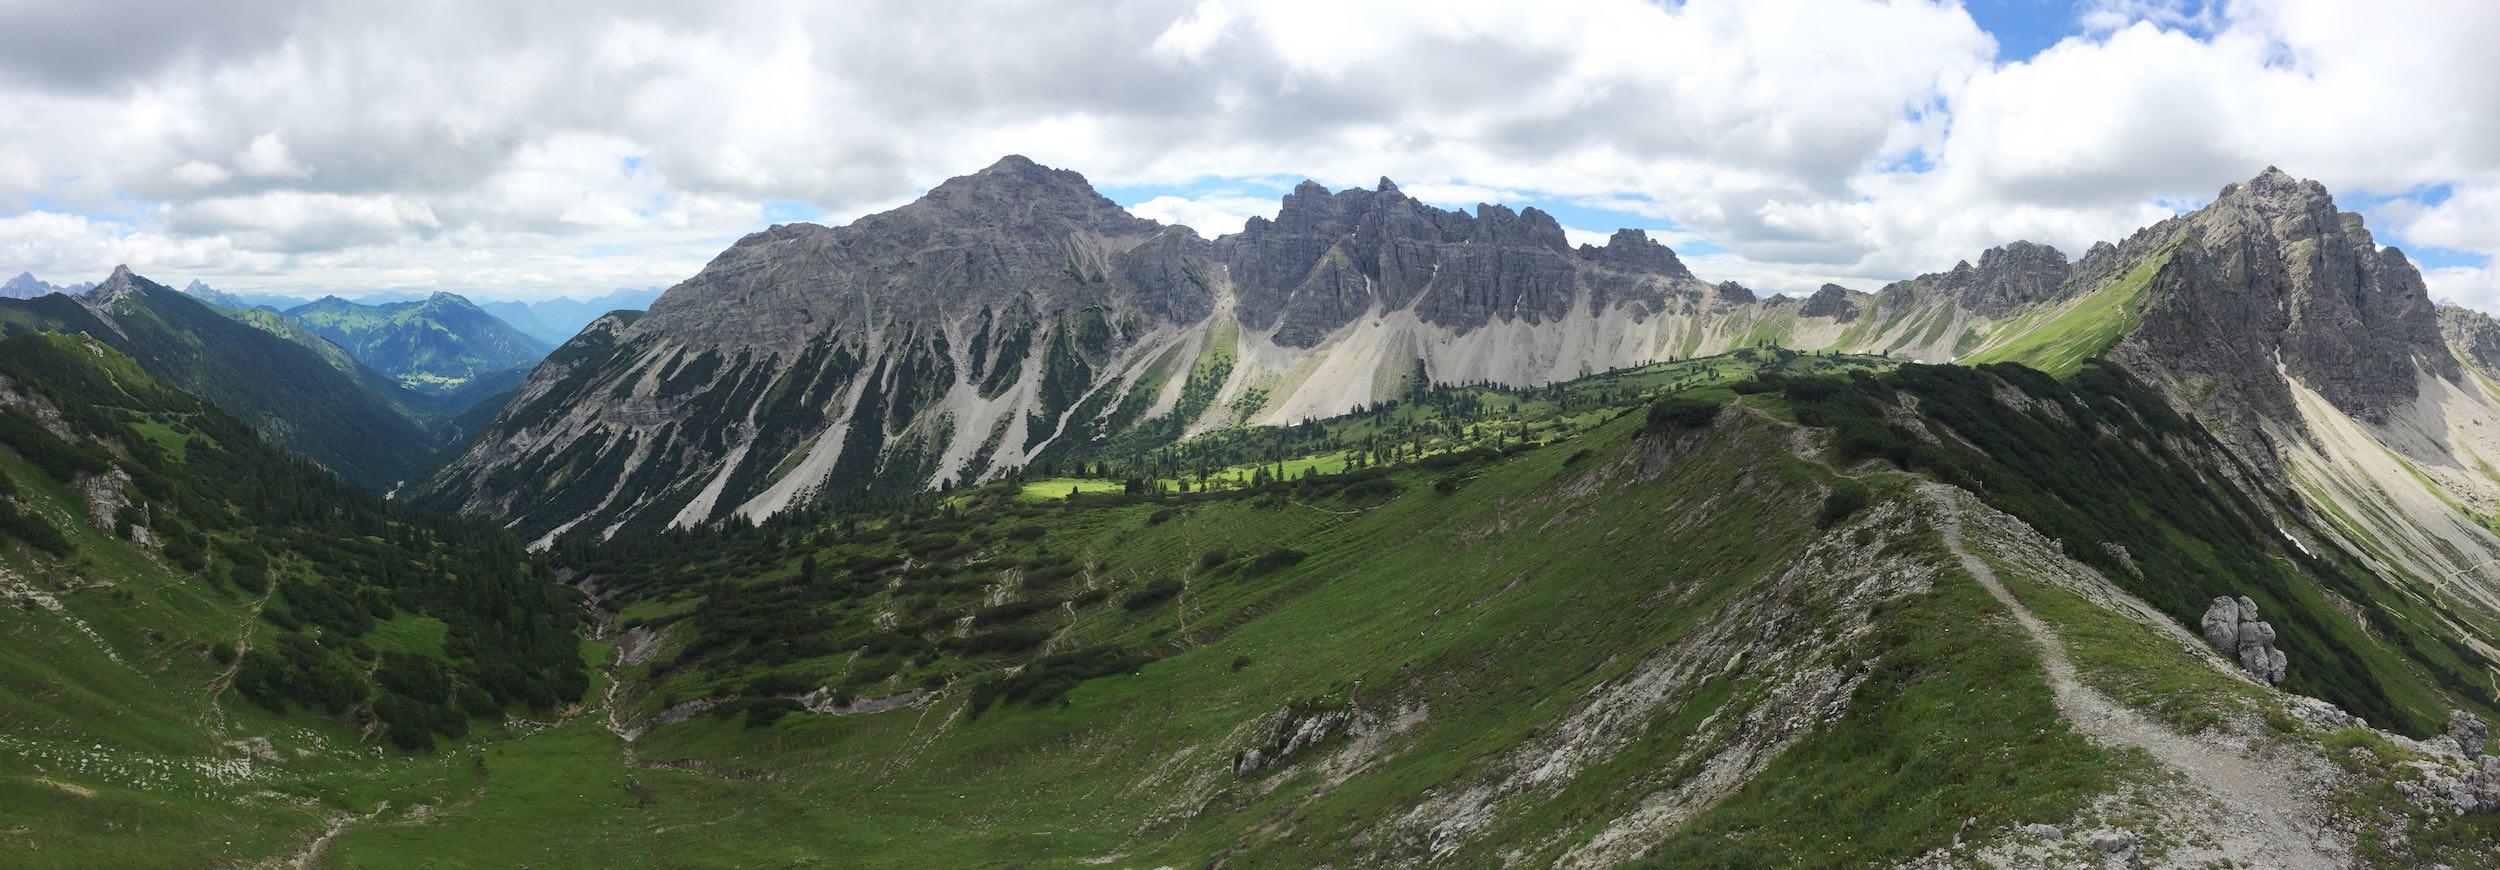 Panorama Birkental mit Leilachspitze